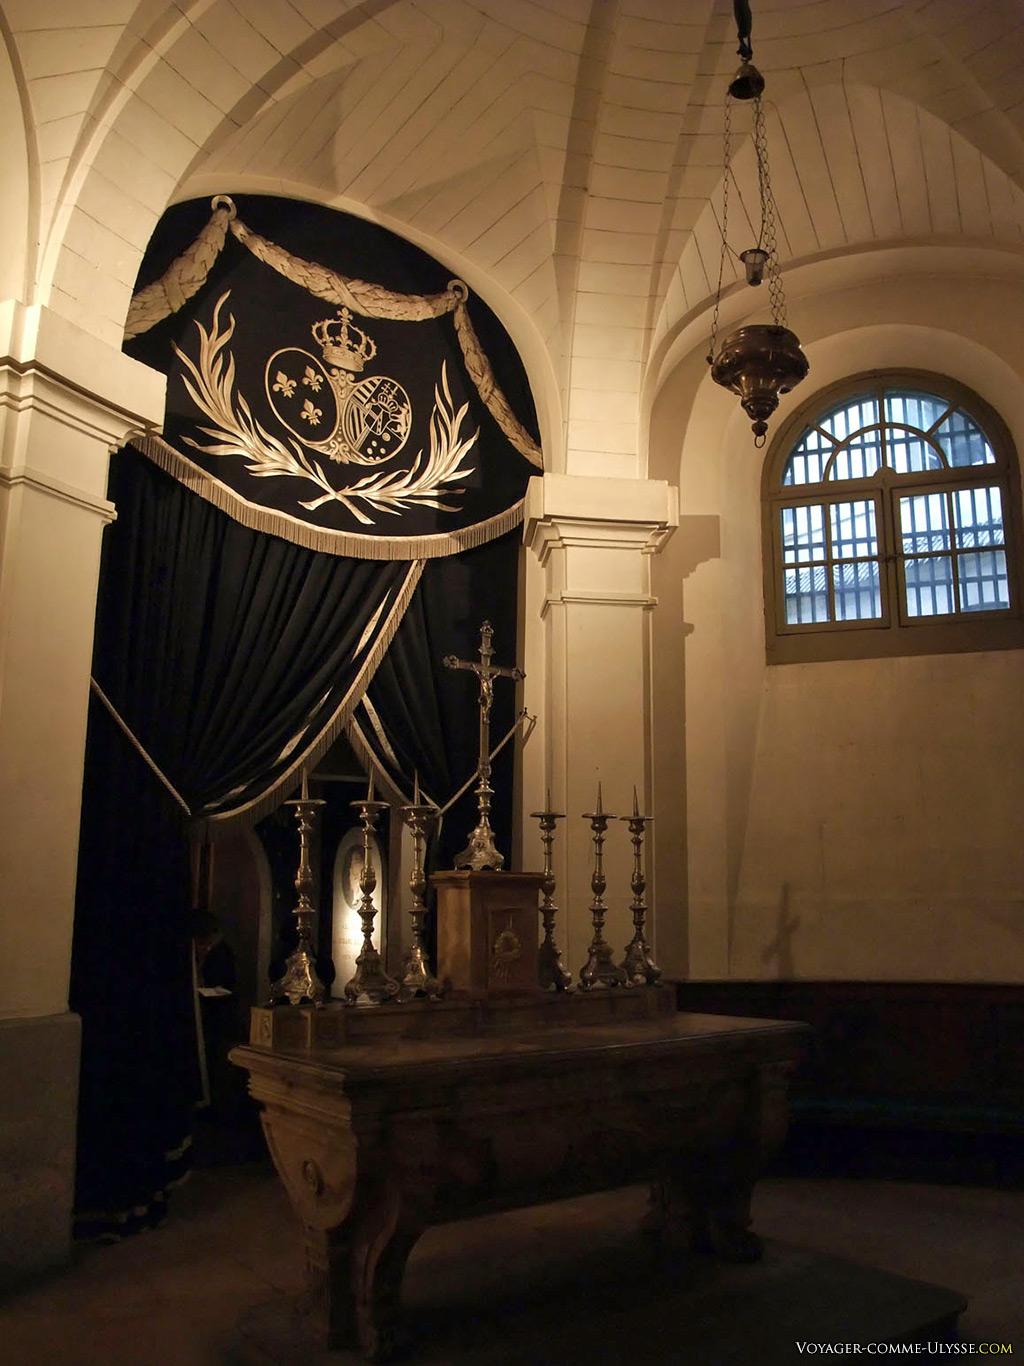 La Chapelle royale est également nommée Chapelle des Girondins